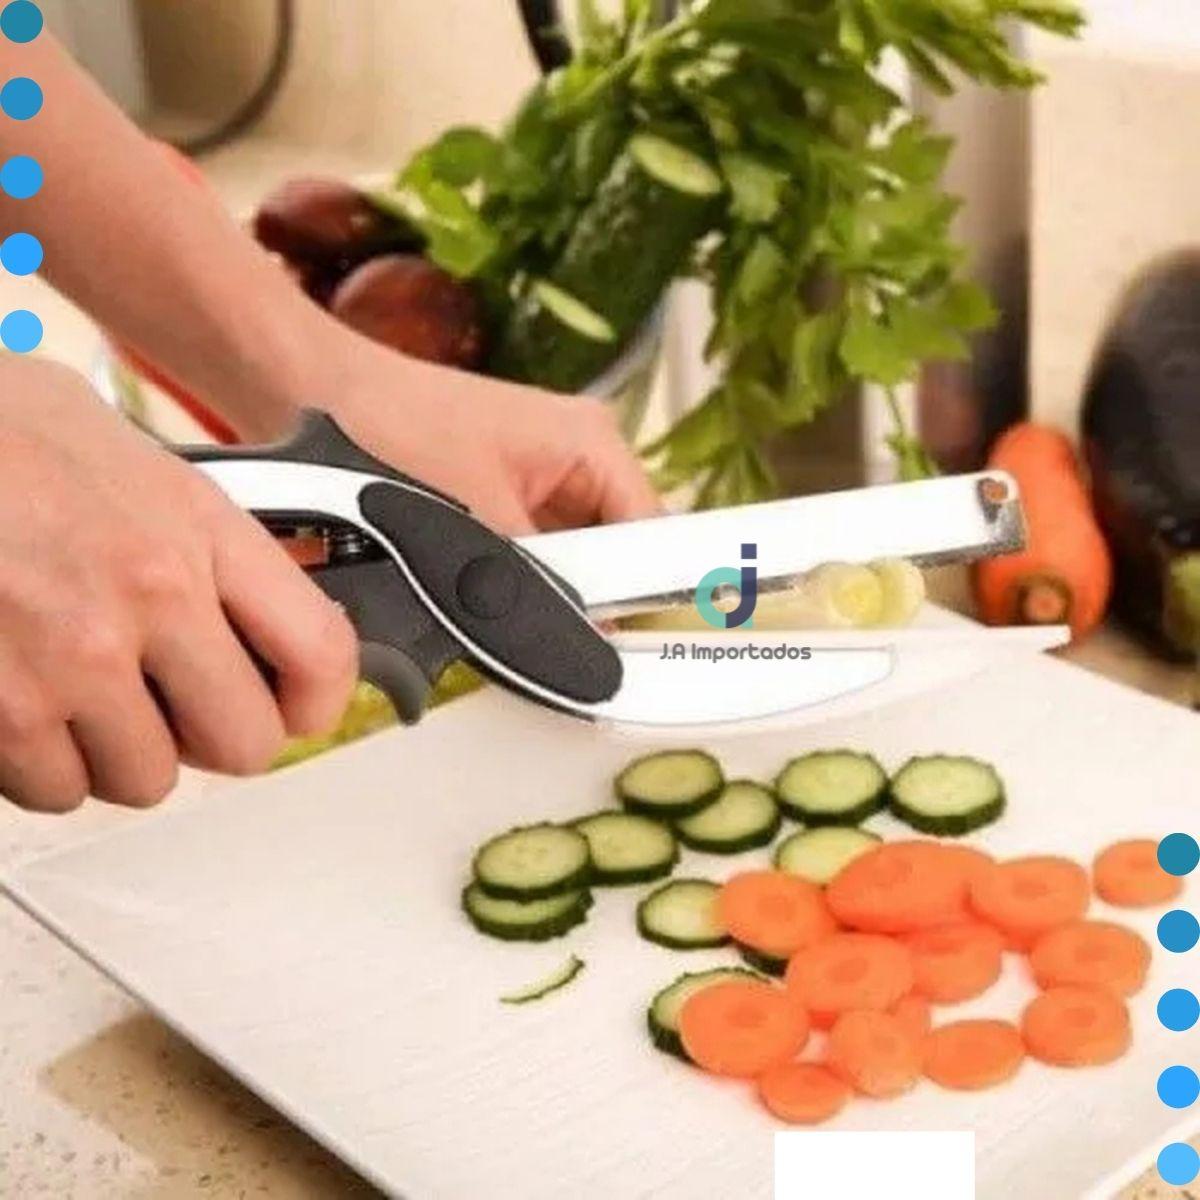 Tesoura Para Cortar Legumes  2 em 1 Em Aço Inox - Tesoura mágica